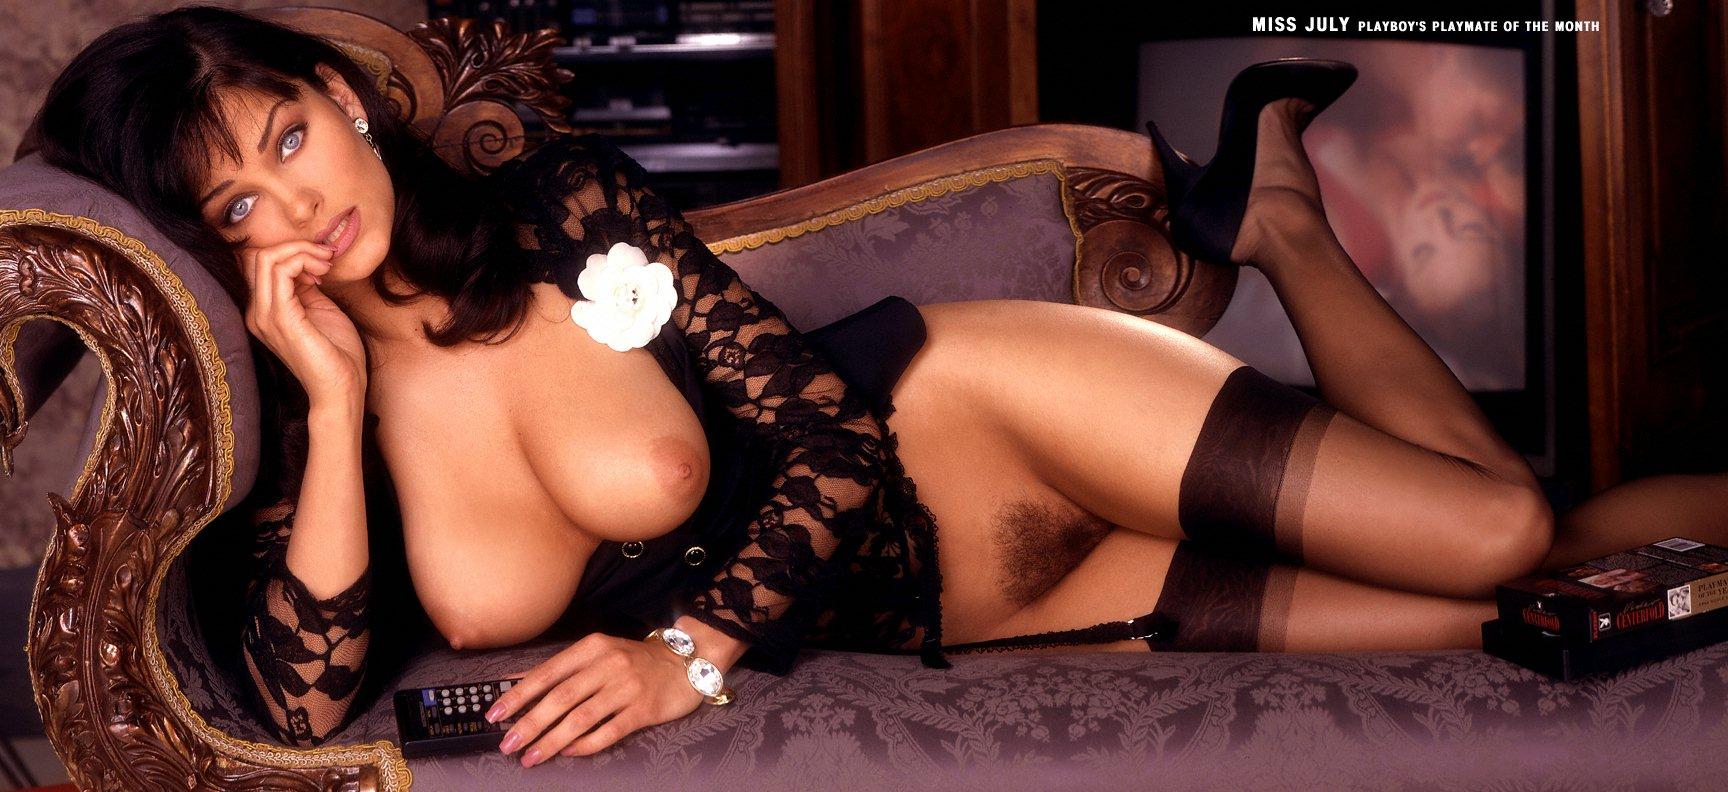 Фото красивых девушек голых 90х